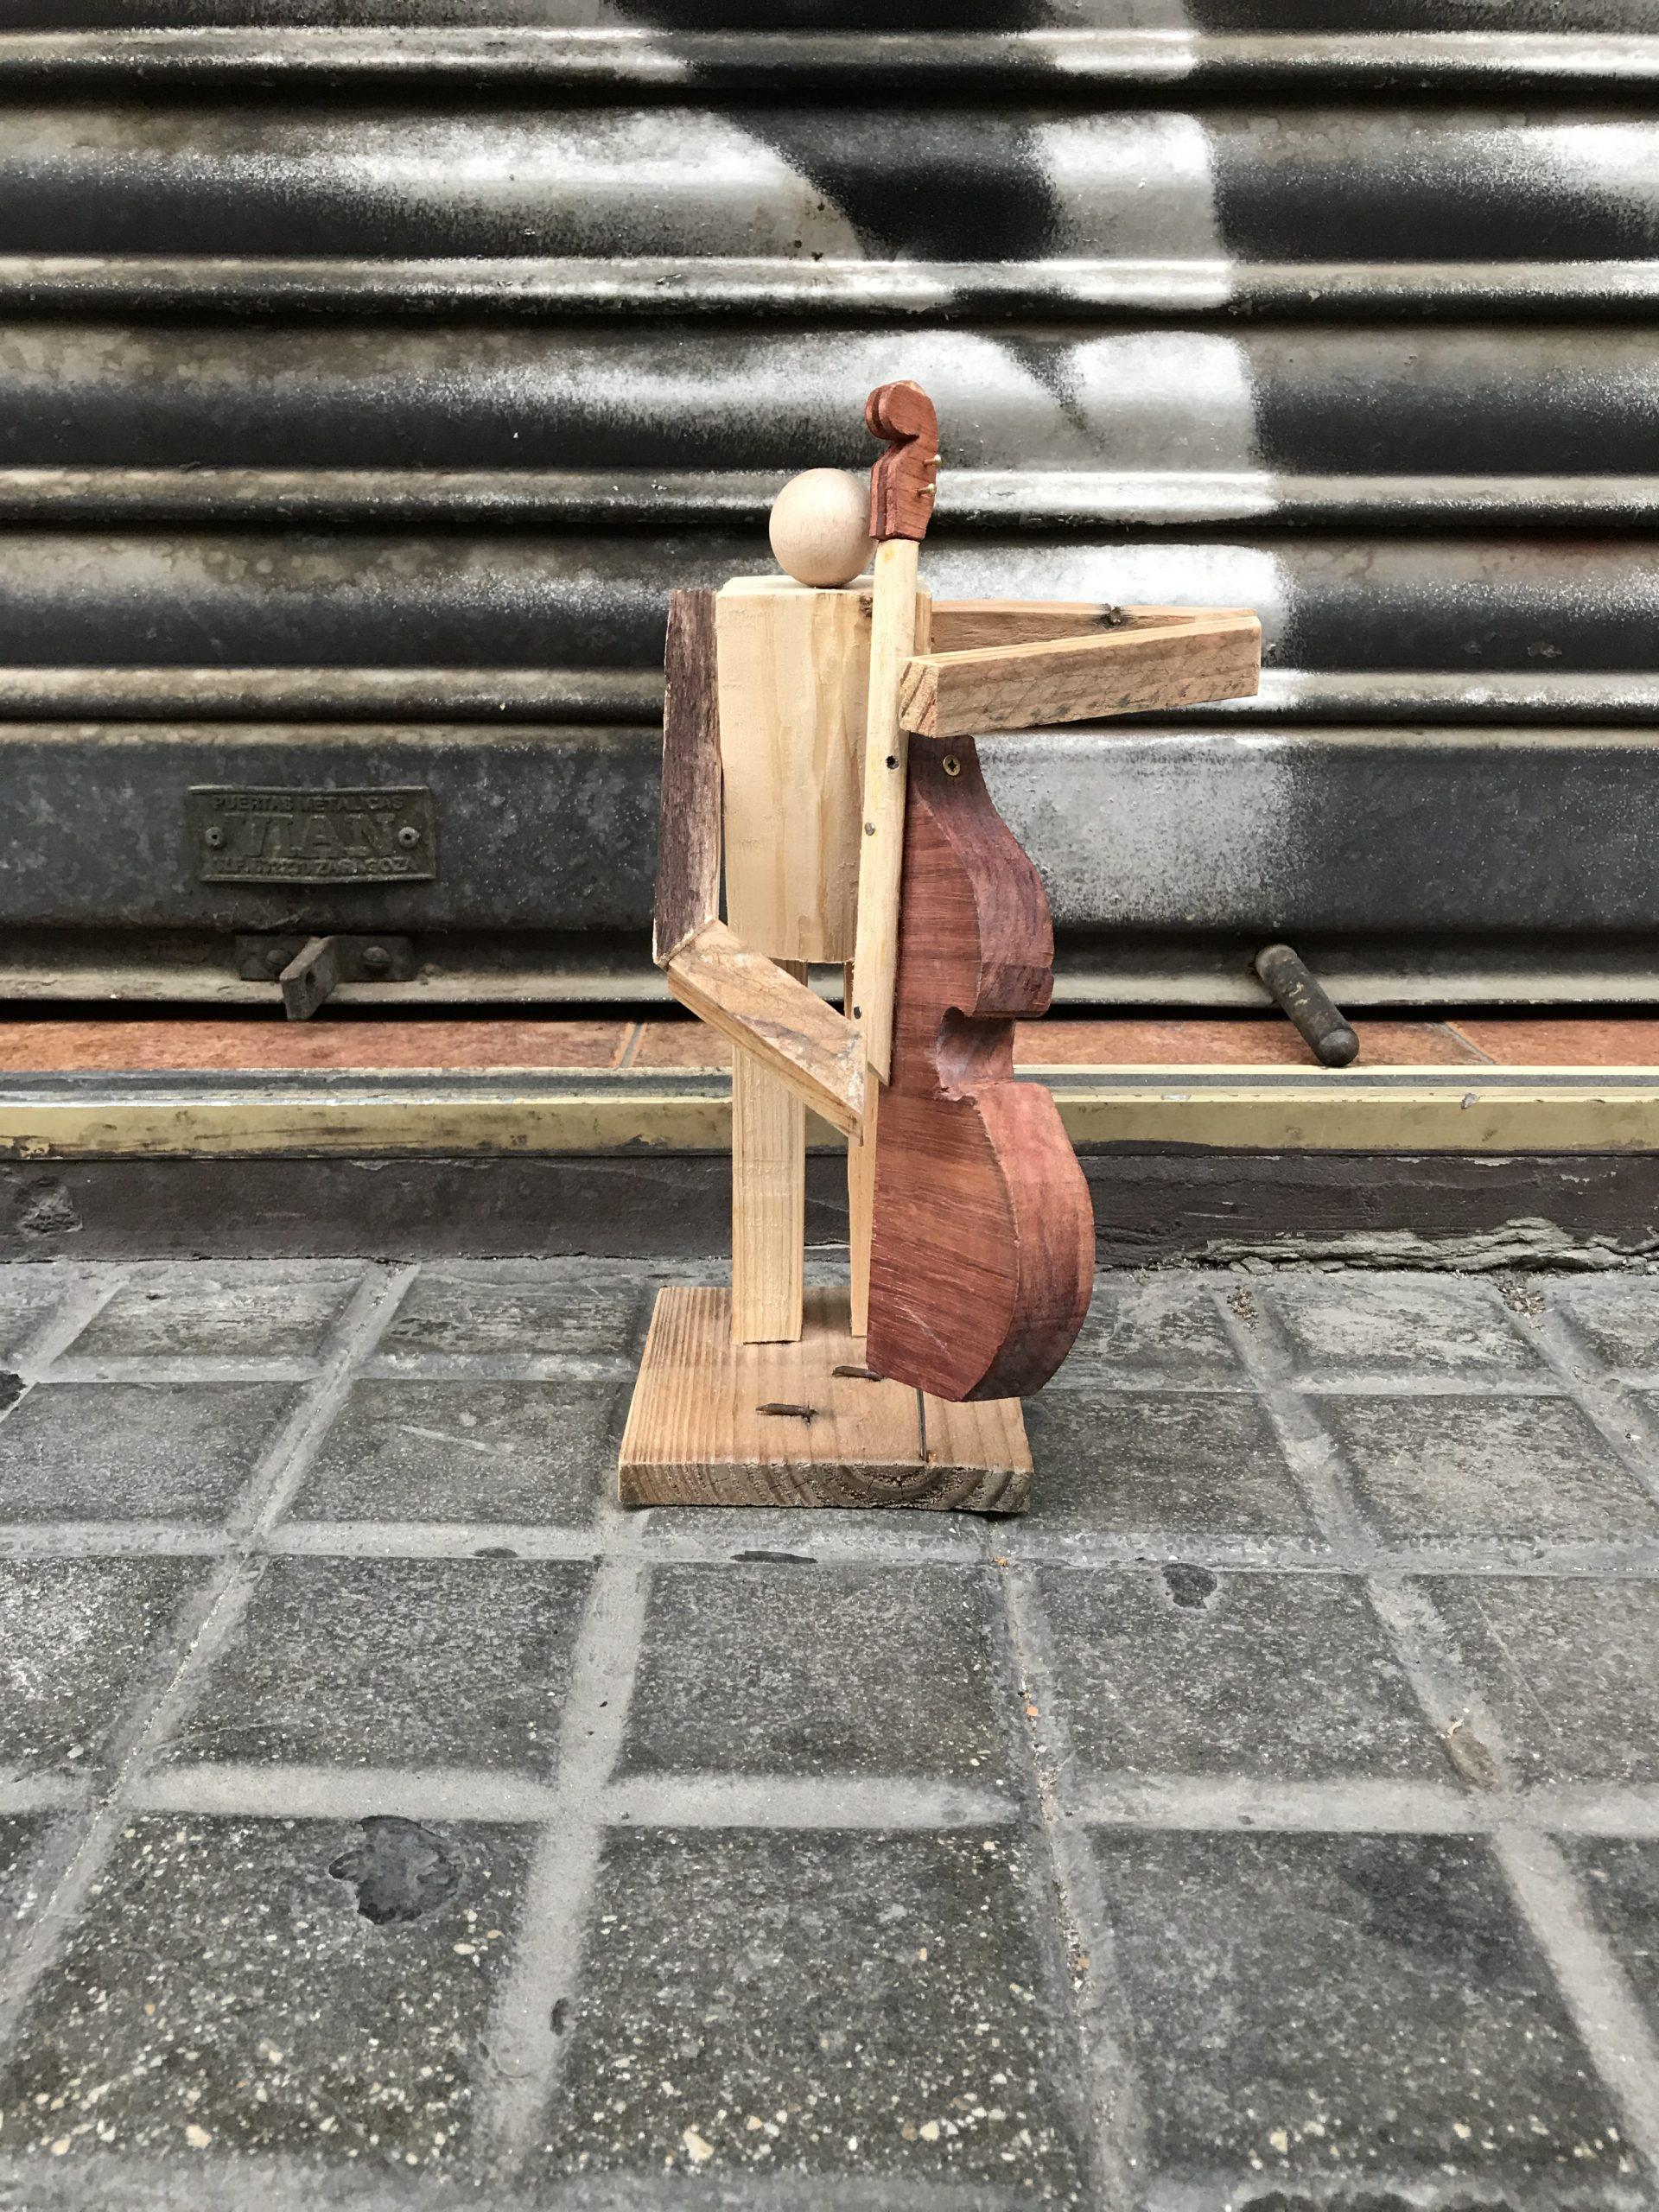 contrabajo-musicos-decoracion-madera